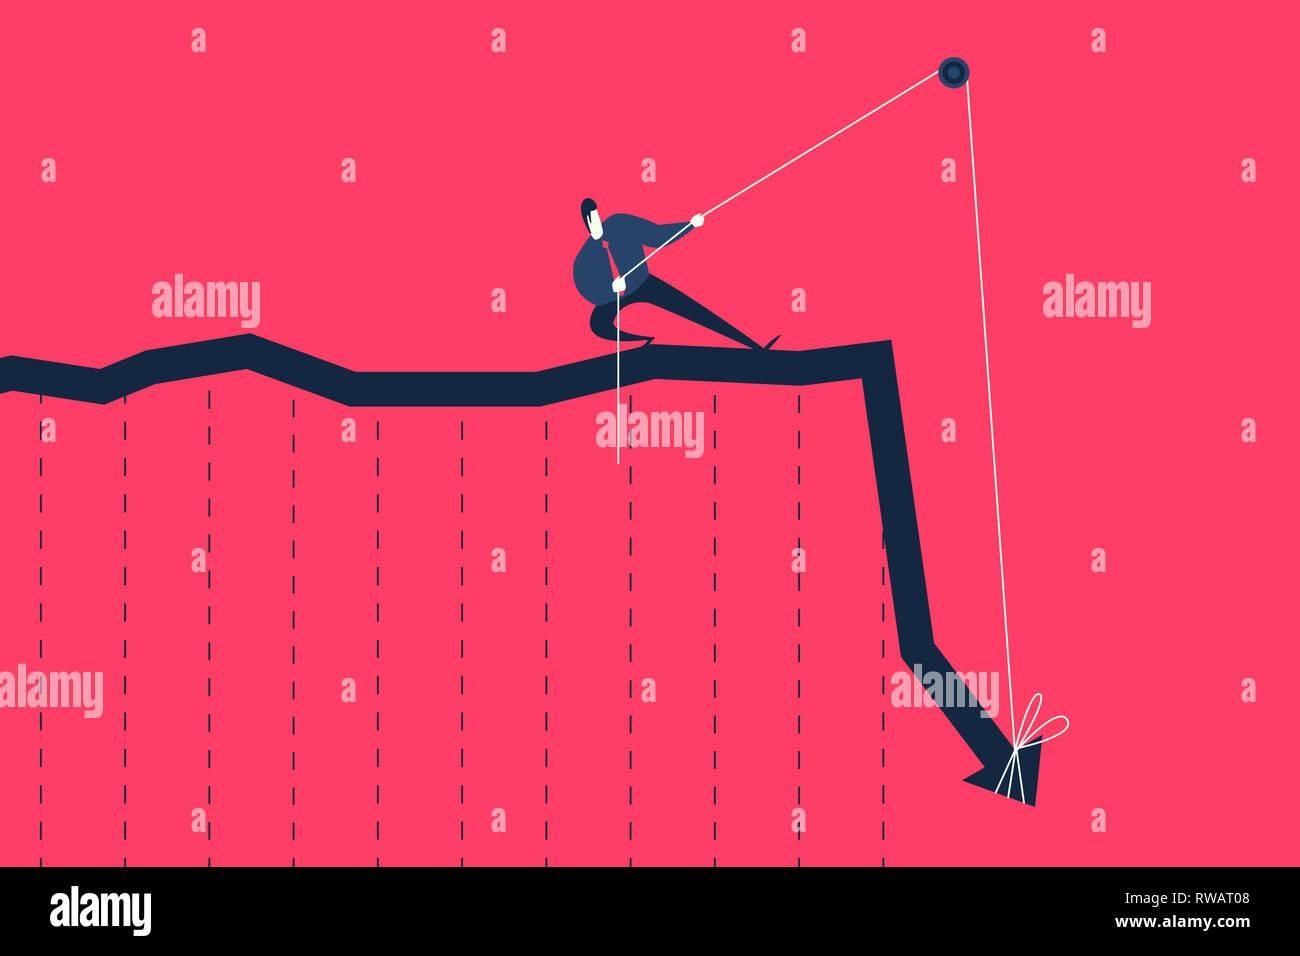 Unternehmer ziehen Seil versuchen, bis der Graph anheben. Stockbild